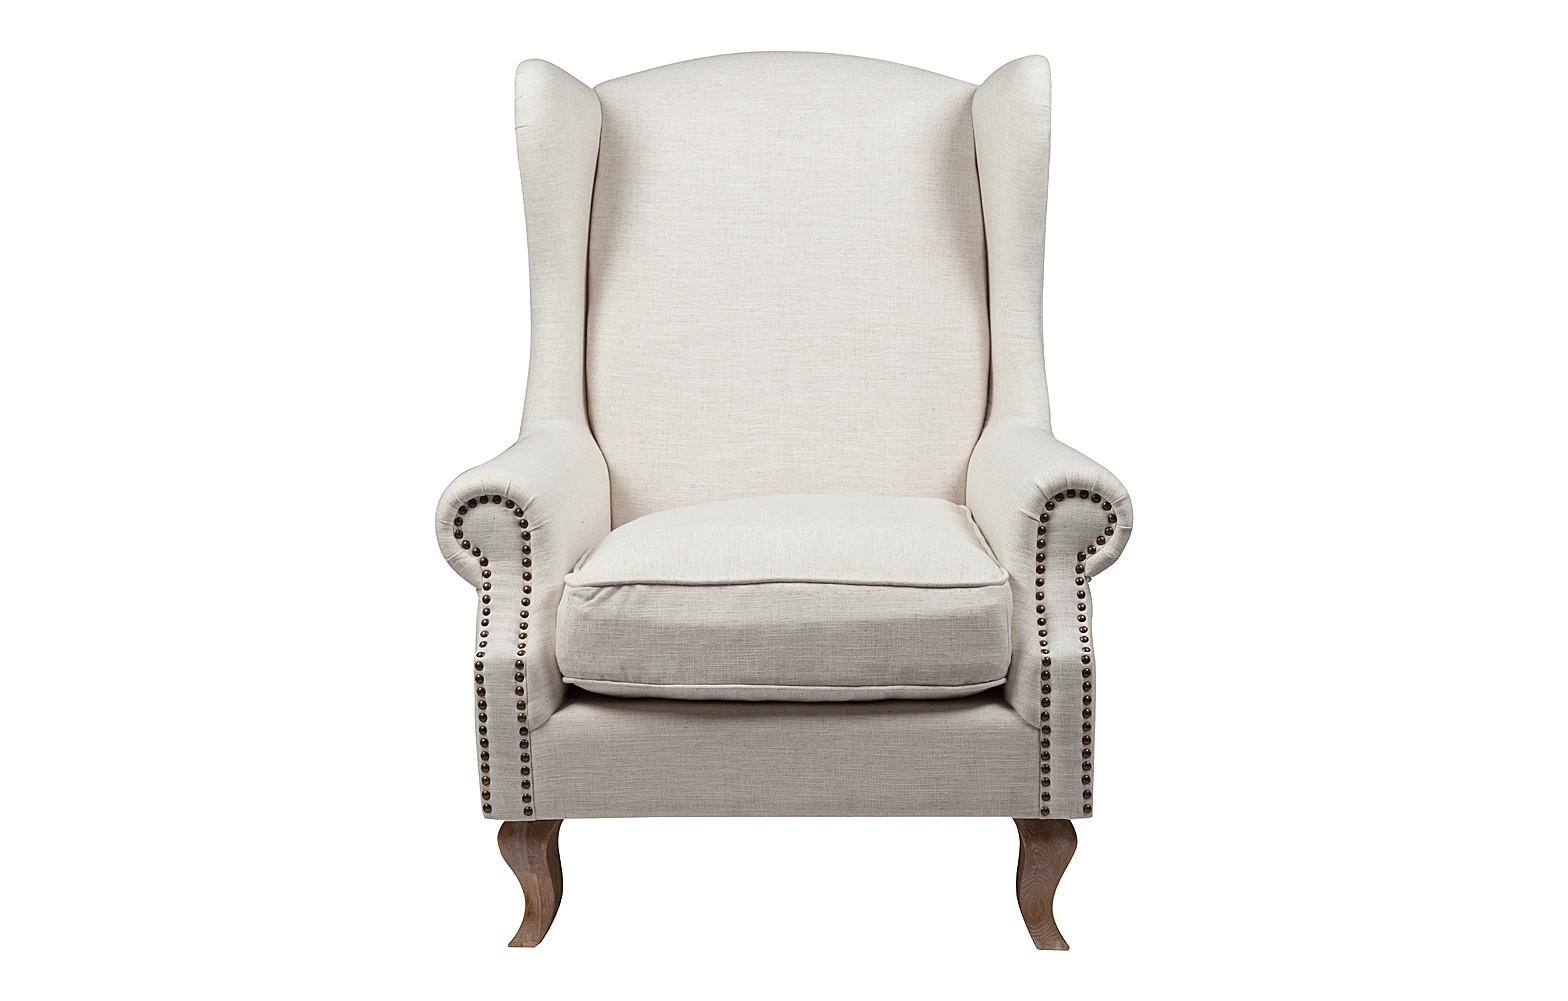 Кресло Collins Wingback ChairКресла с высокой спинкой<br><br><br>Material: Лен<br>Width см: 94<br>Depth см: 97<br>Height см: 114